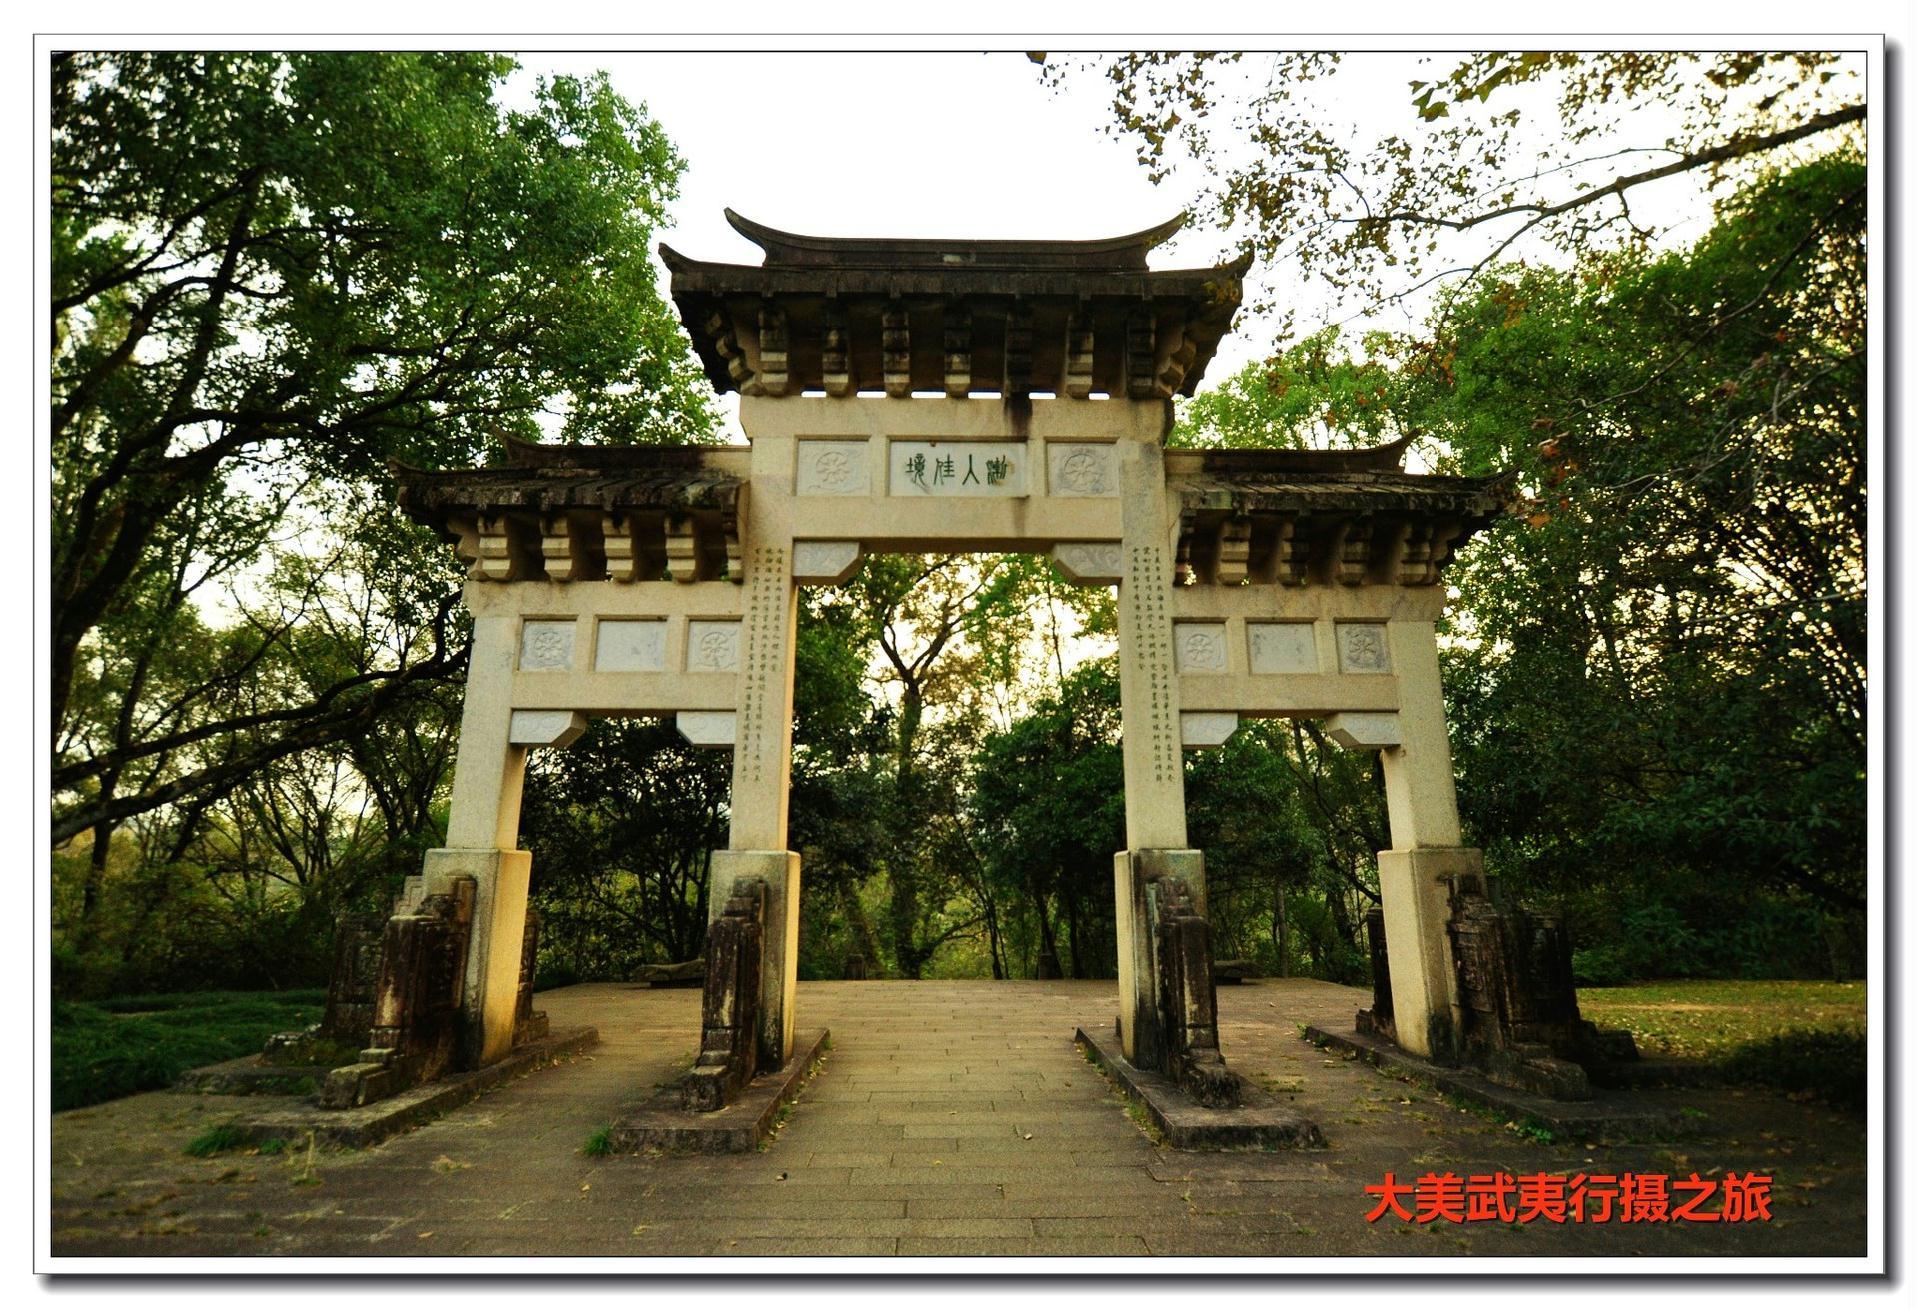 柳永纪念馆